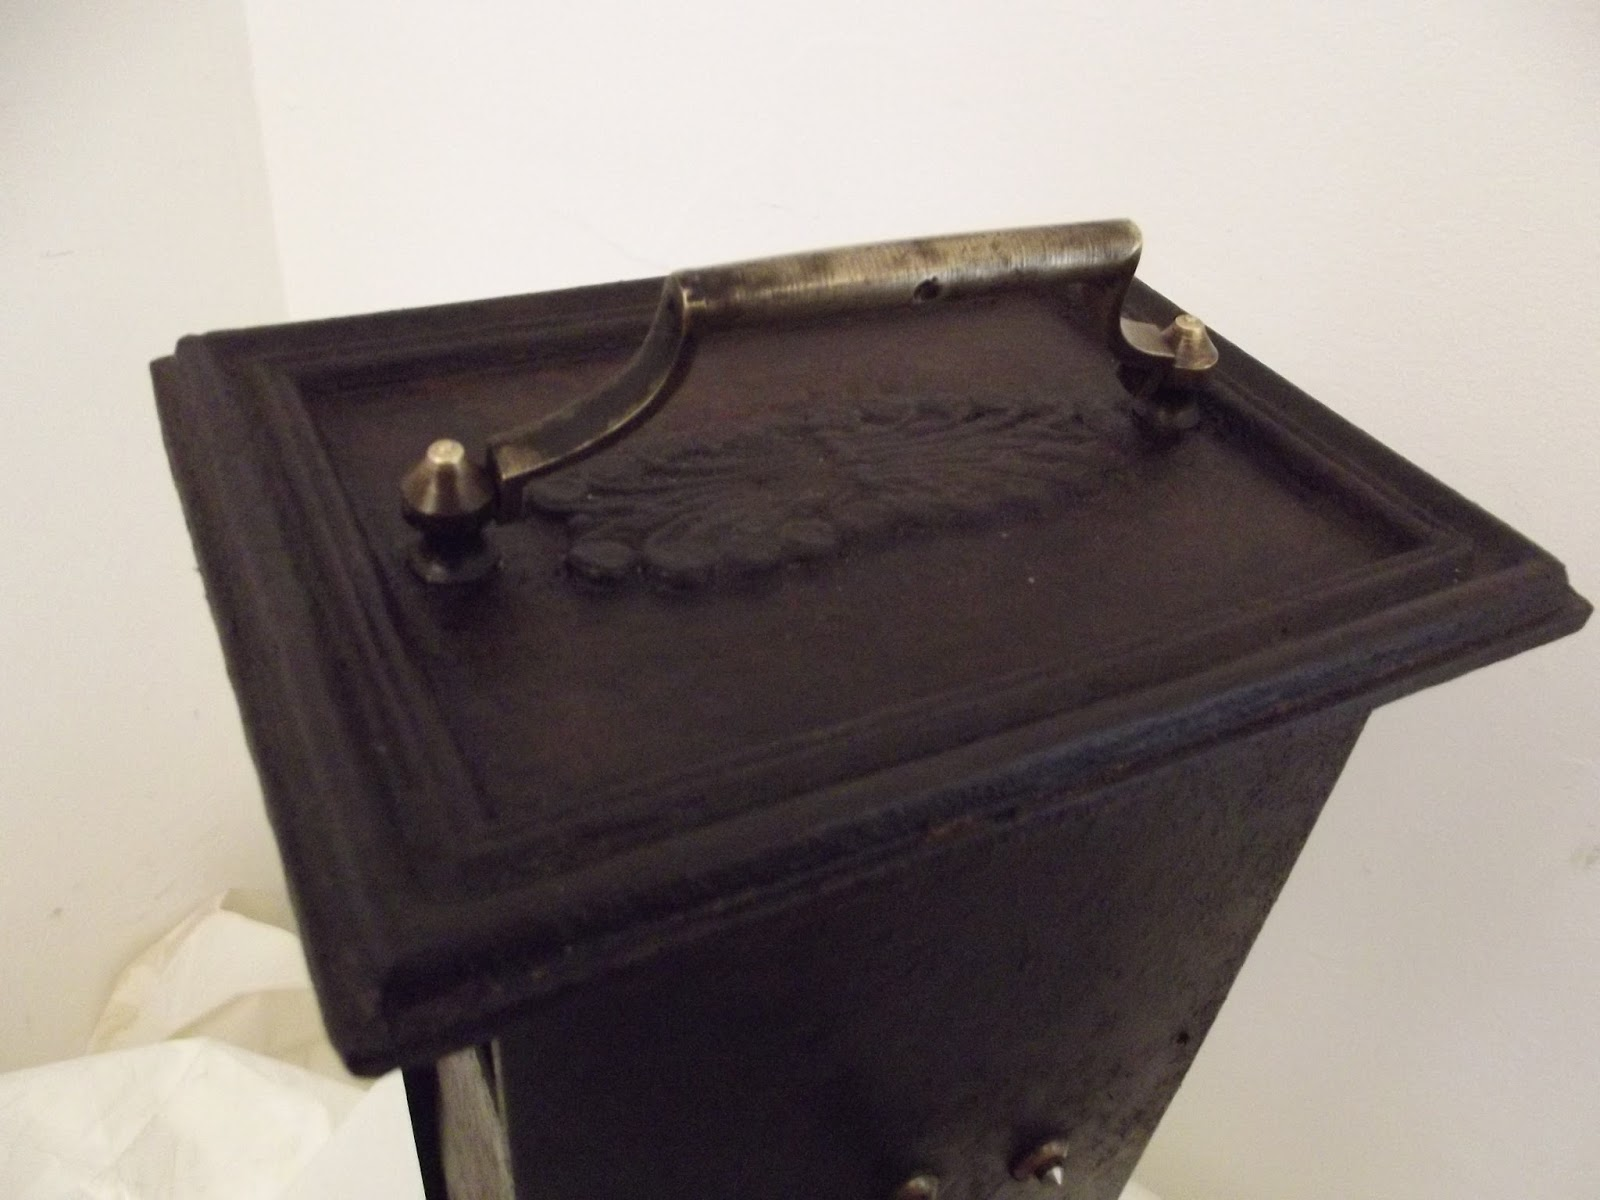 br ter dreh grillspie spanferkel grill motor rotisserie set france. Black Bedroom Furniture Sets. Home Design Ideas